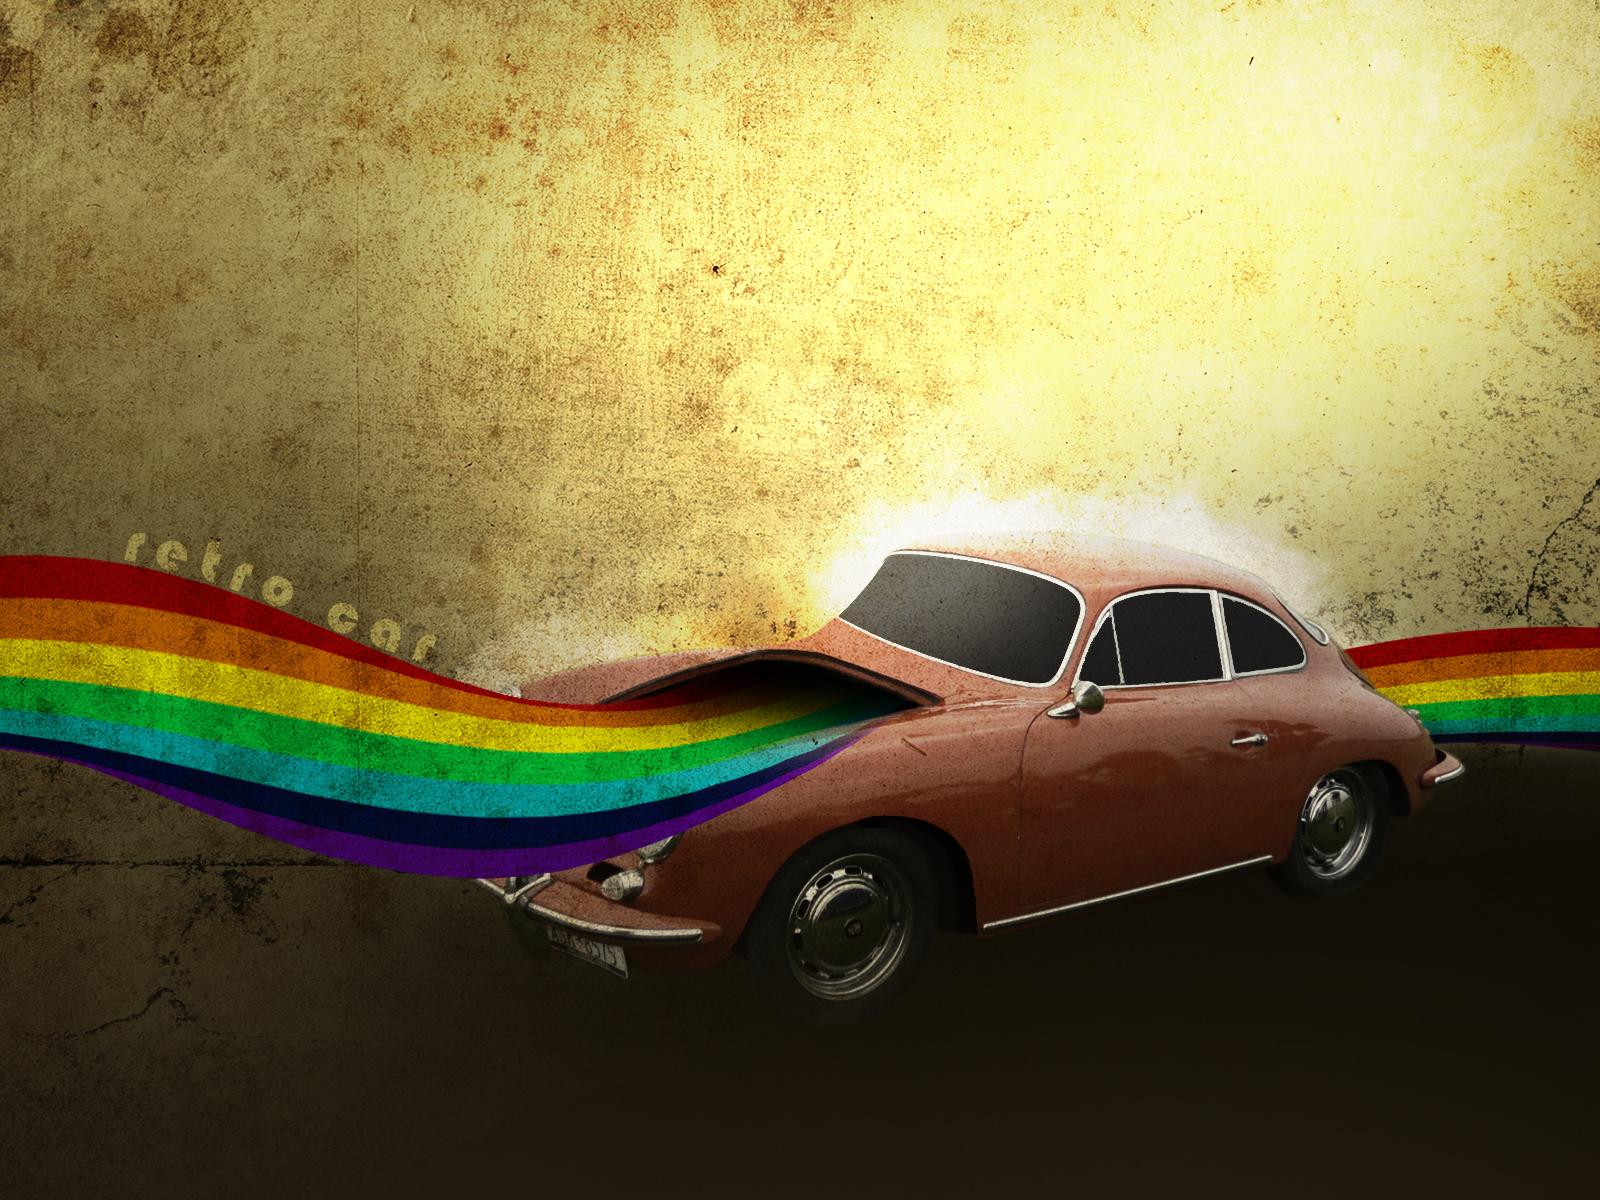 http://1.bp.blogspot.com/-pnaZ5b8OzWk/Ta9ci4rp6JI/AAAAAAAAHno/CeJNxHIs2Rc/s1600/Retro_Car_Wallpaper_by_Mr_Heli.jpg